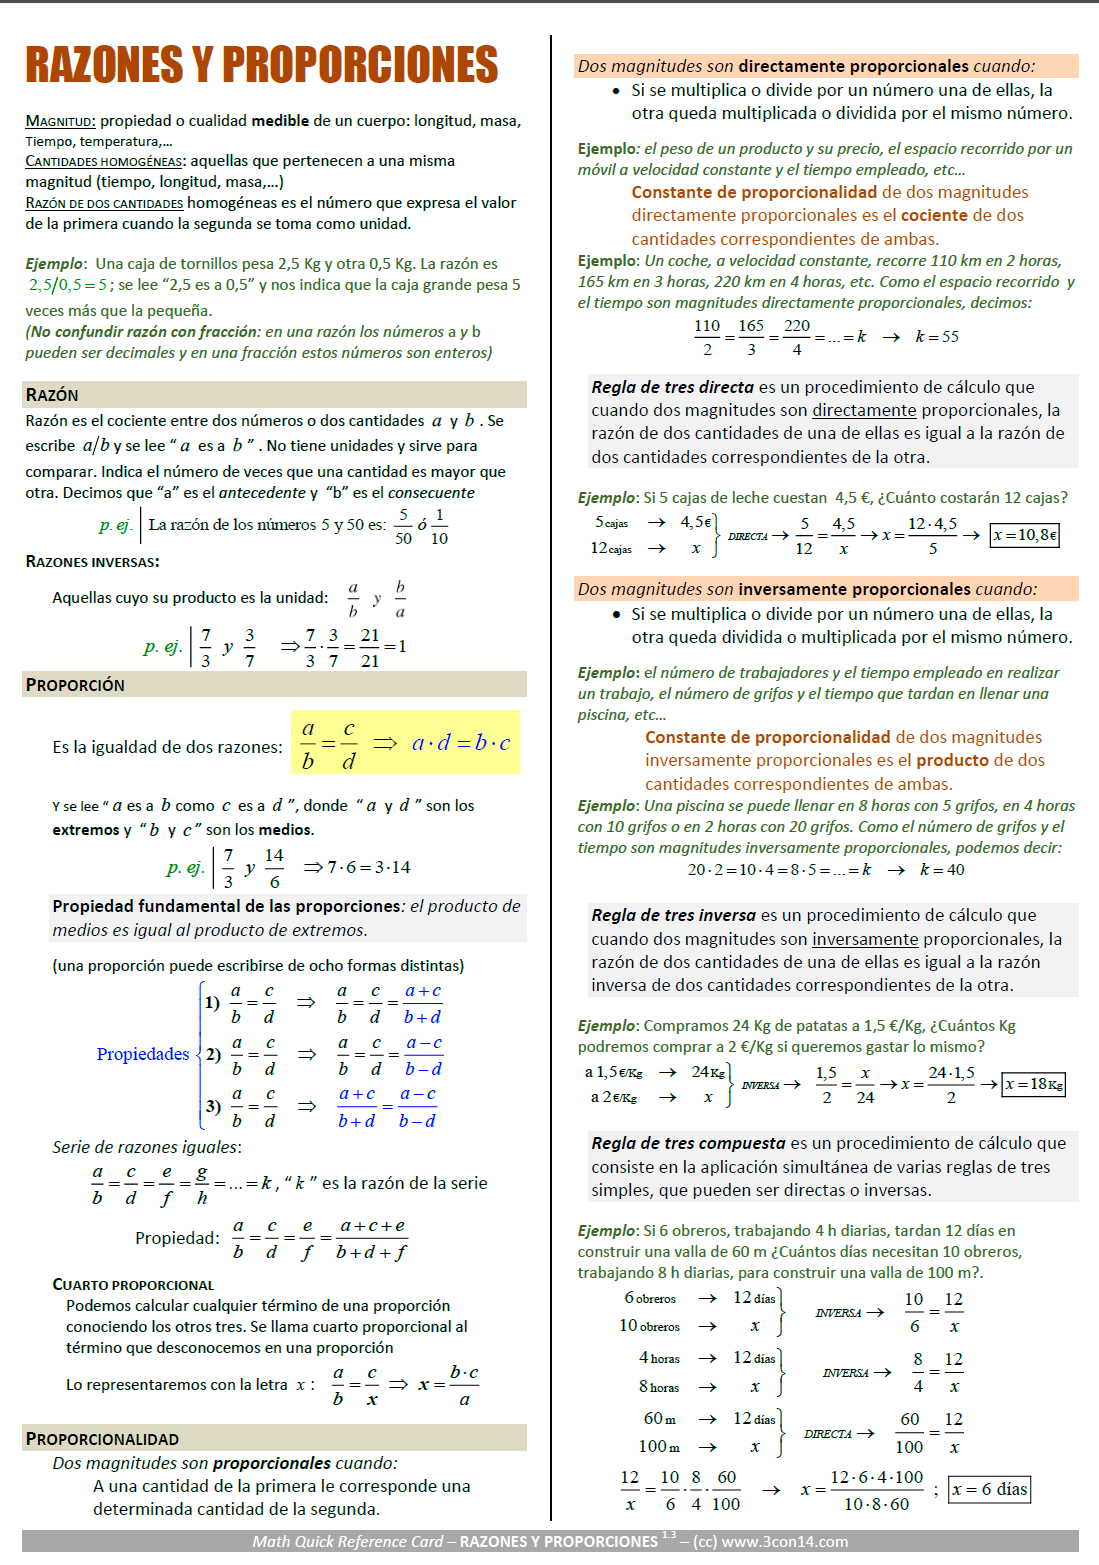 Matematicas A Razones Y Proporciones Guia In